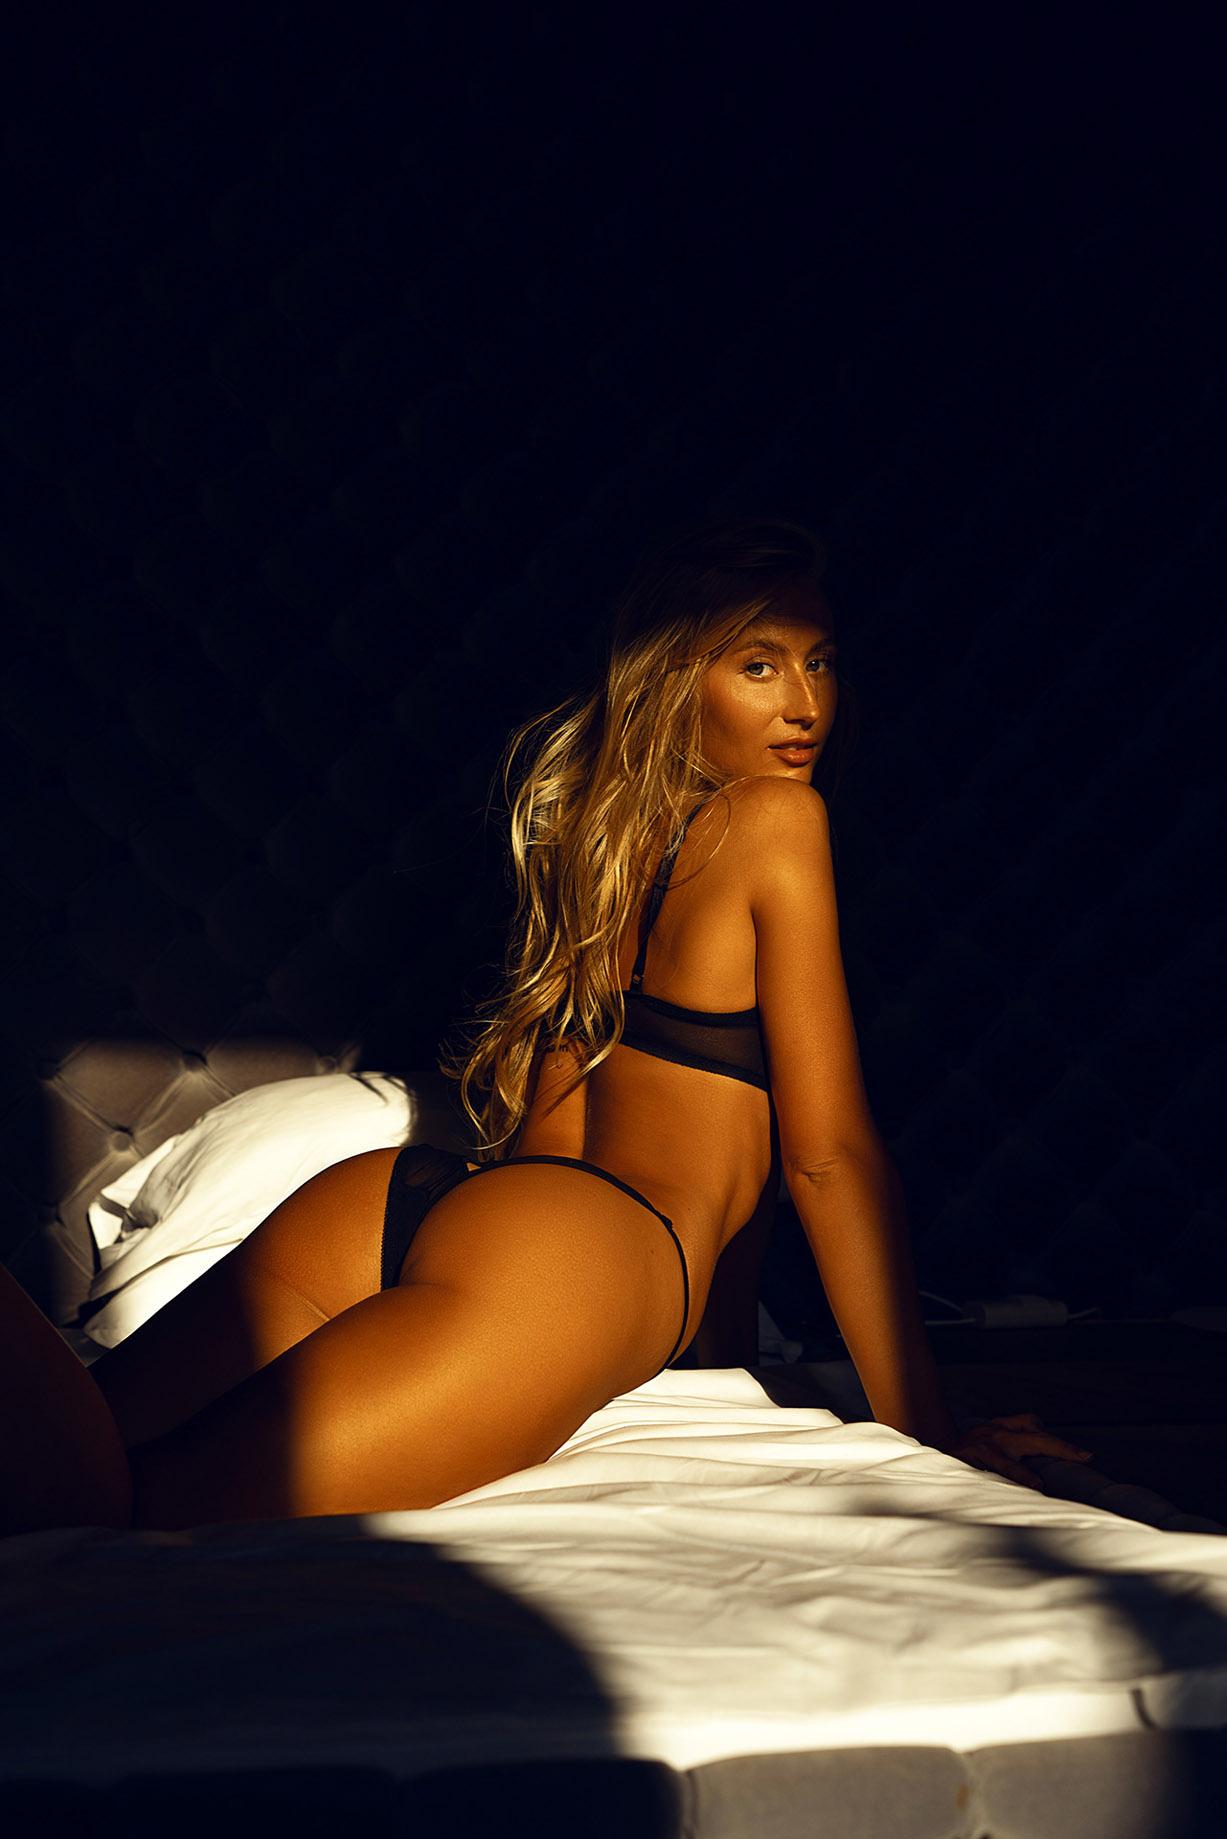 Lady Y, фотограф Артур Каплун / фото 09